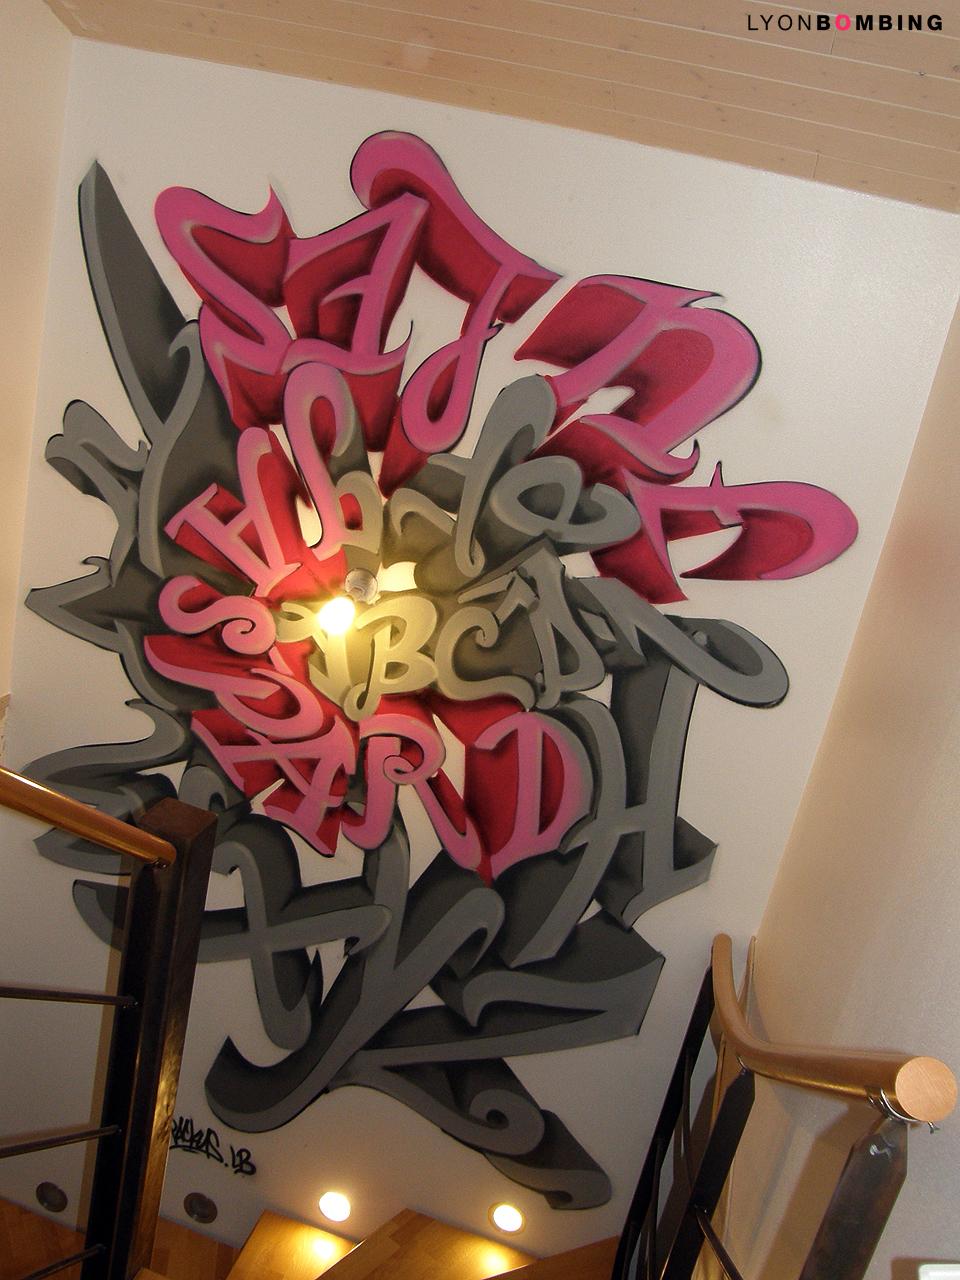 Descente d\'escalier graffiti - Décoration particulier - LYONBOMBING